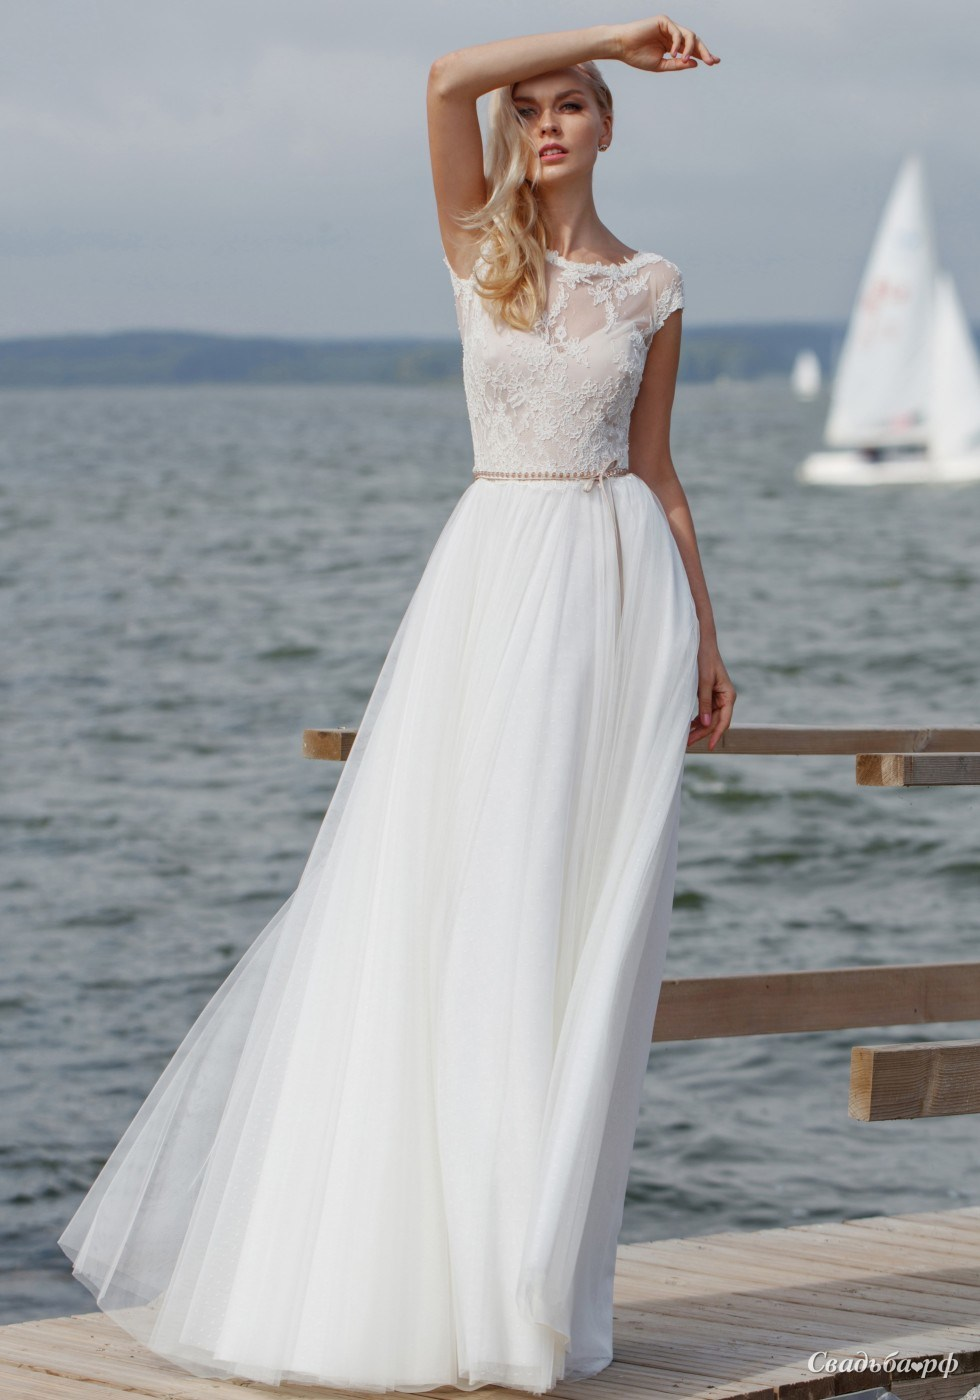 наносится легкие летящие свадебные платья фото поворачиваем